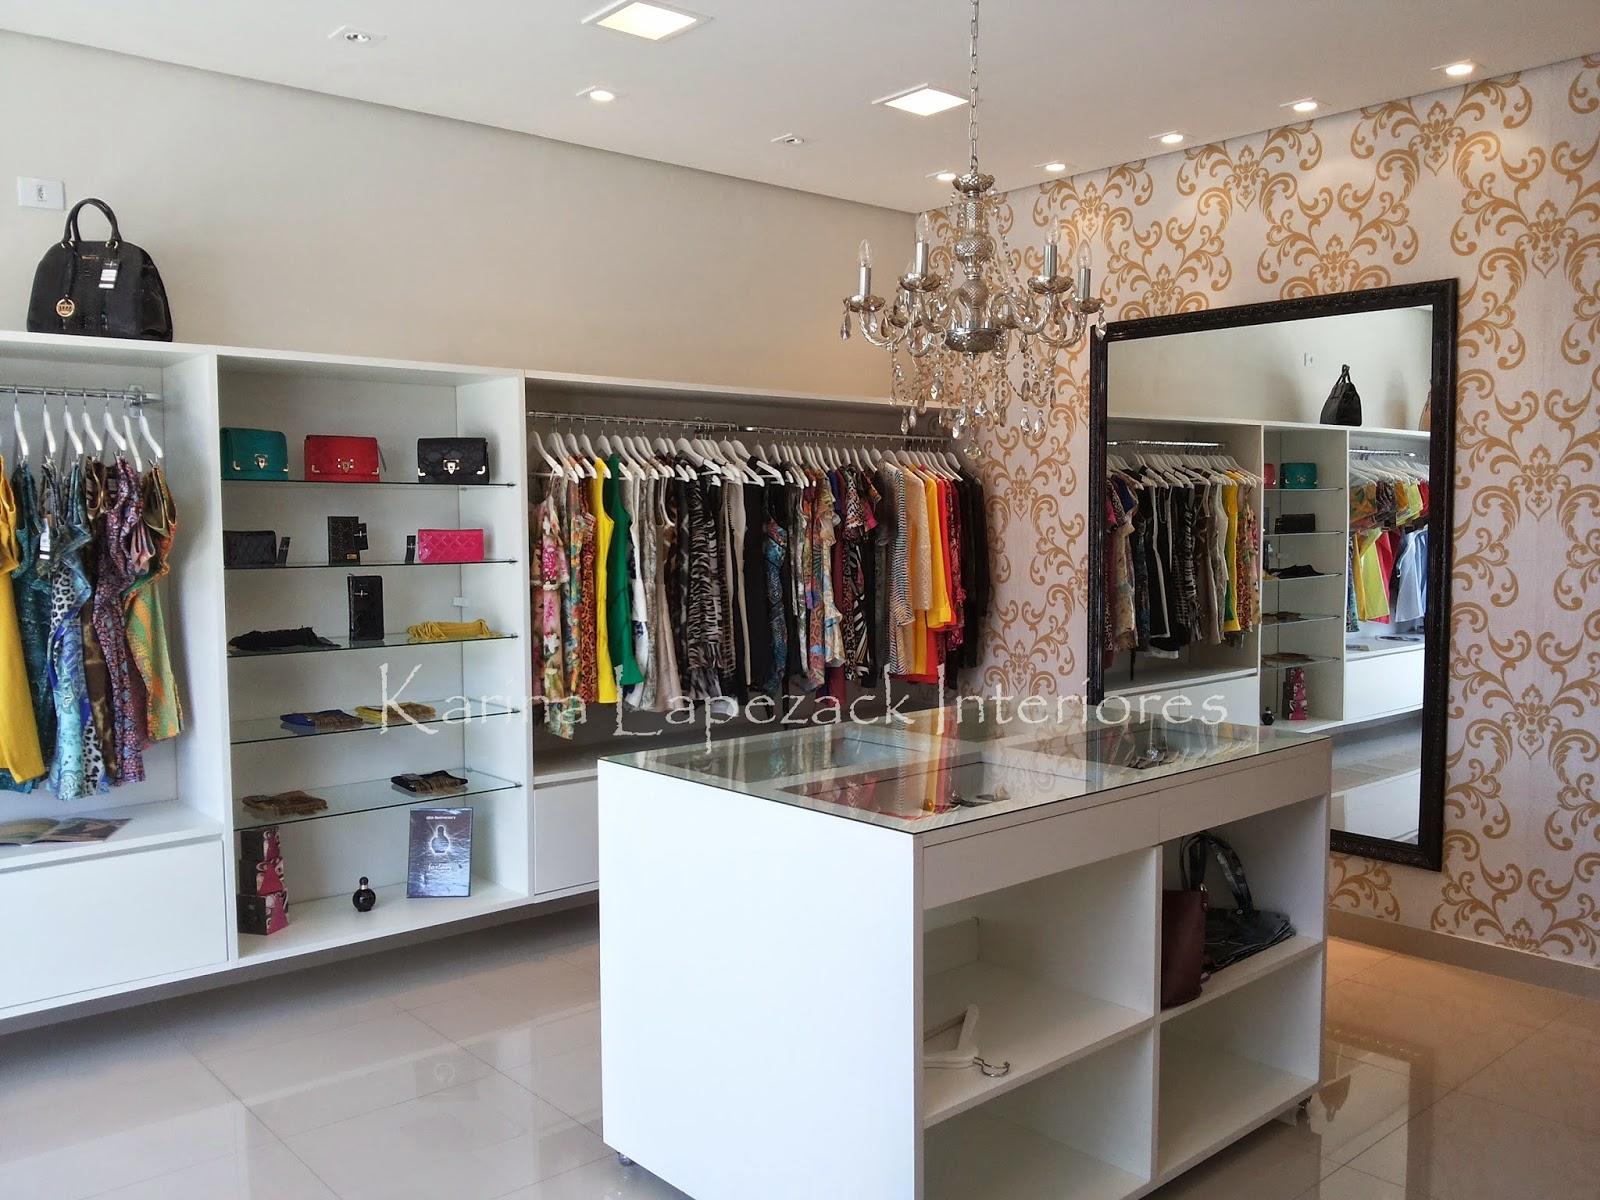 decoracao interiores de lojas : decoracao interiores de lojas:organização dos produtos para uma loja é primordial para as